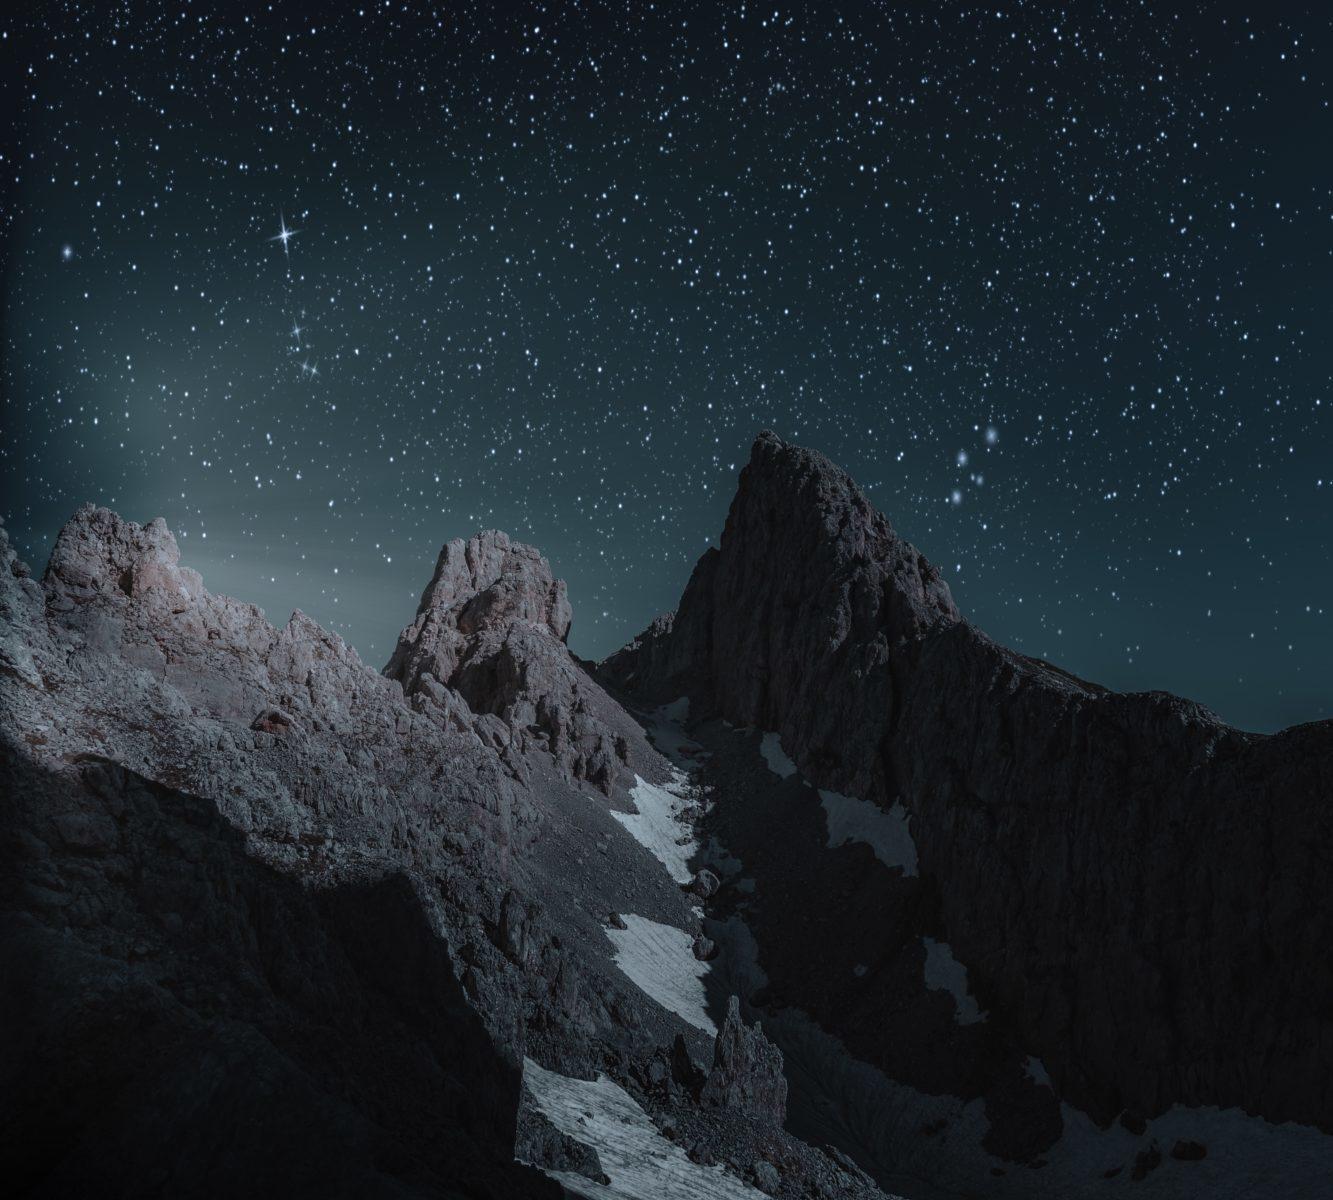 夜空の天体